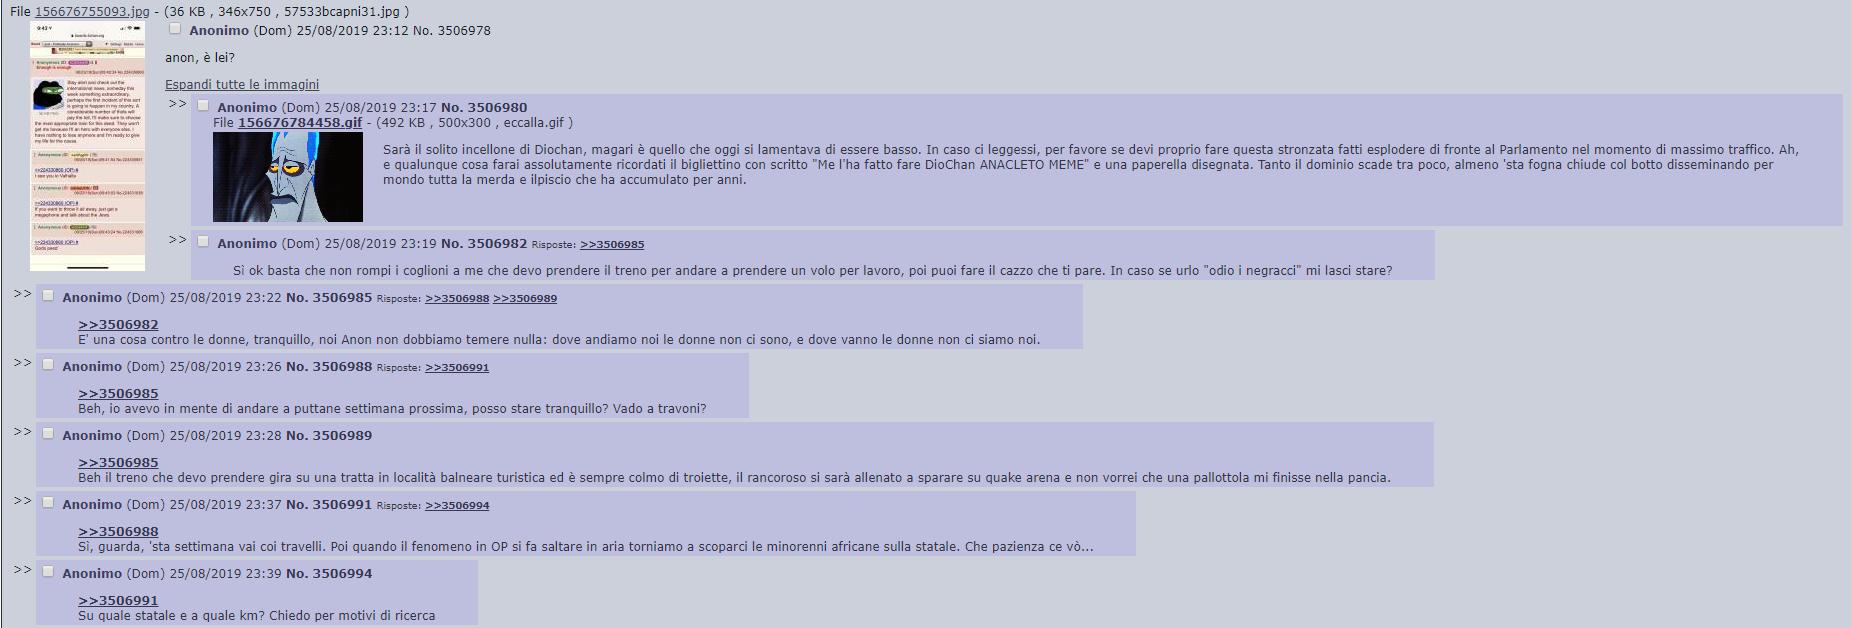 4chan anon italia minacce terrorismo attacco - 3